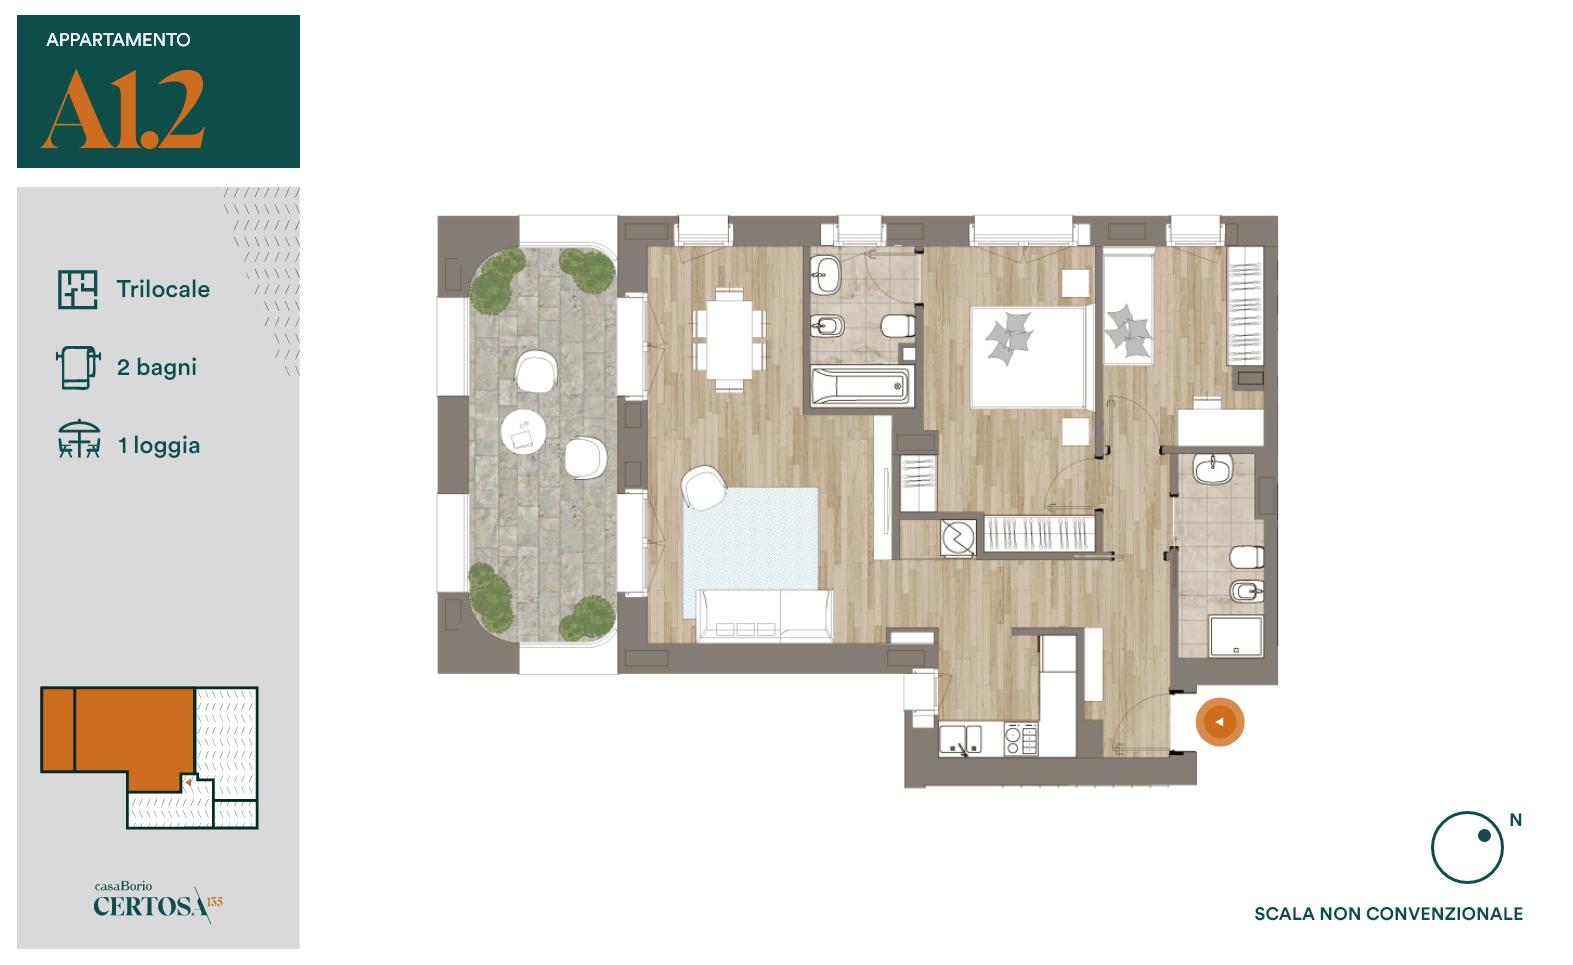 Appartamento A1.2 - Trilocale